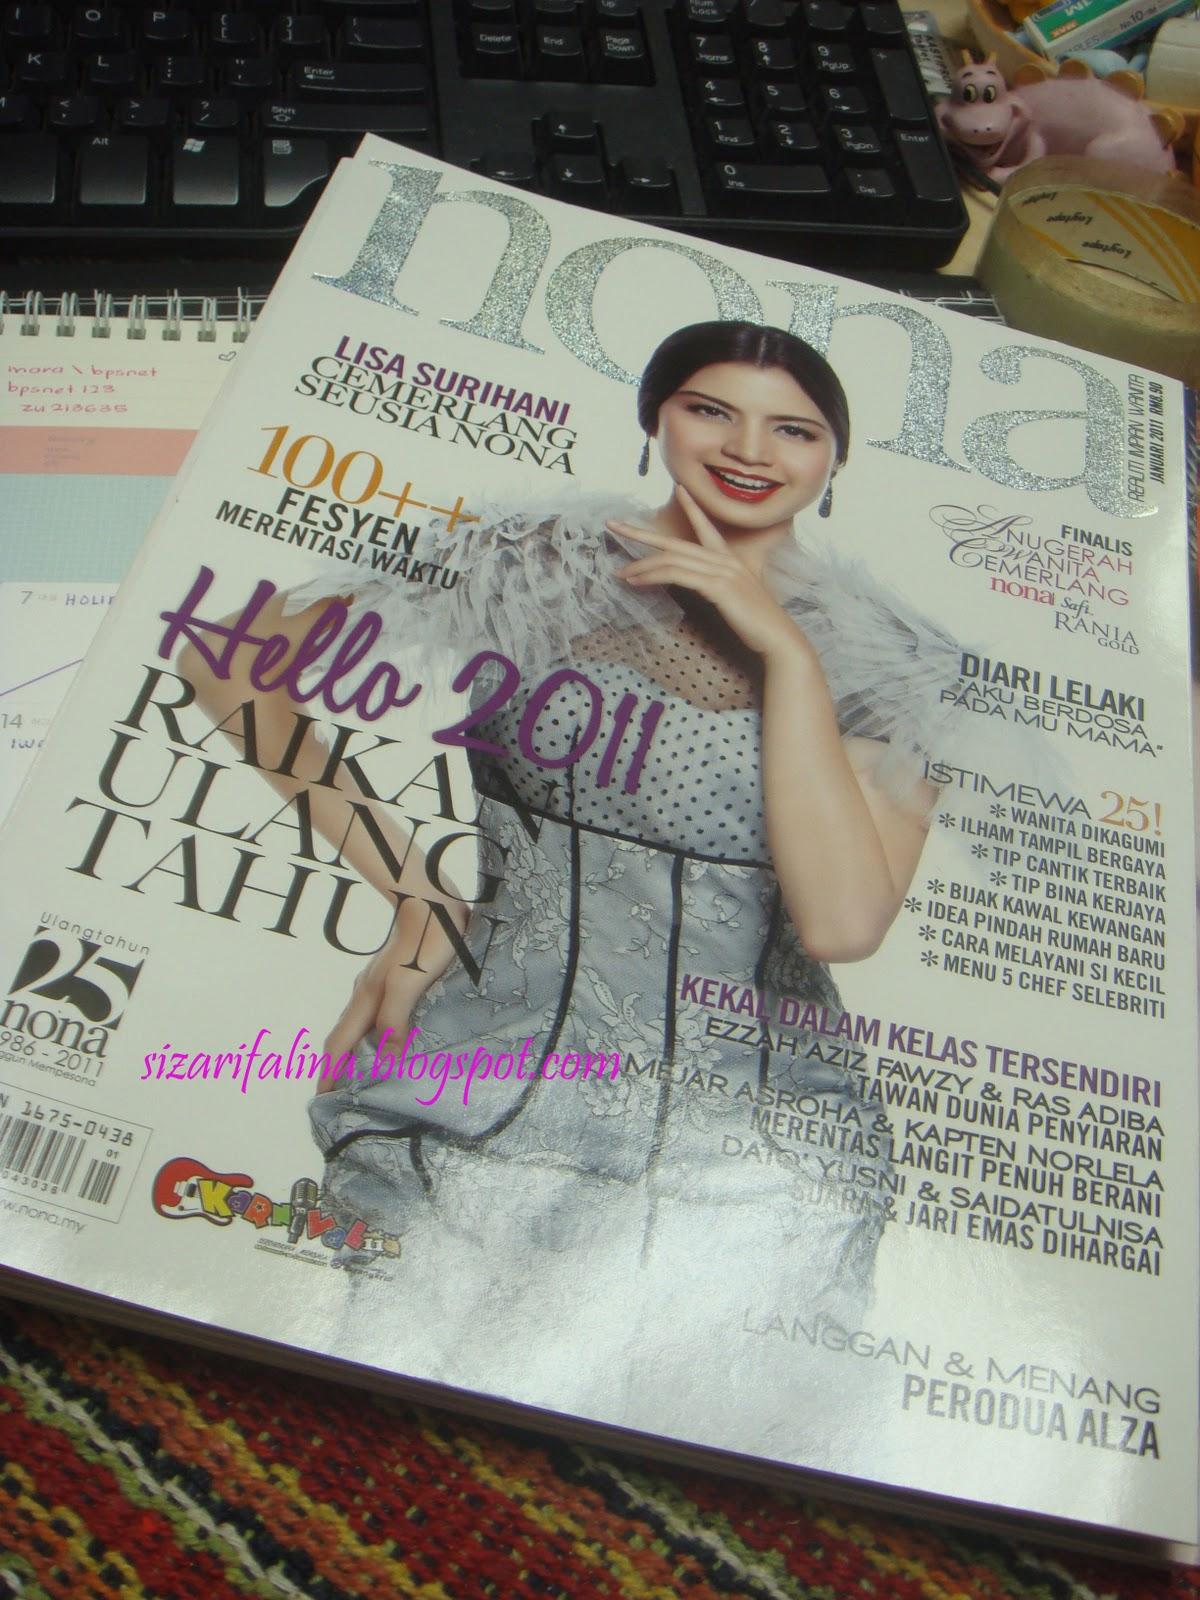 majalah nona kini dah 25 tahun